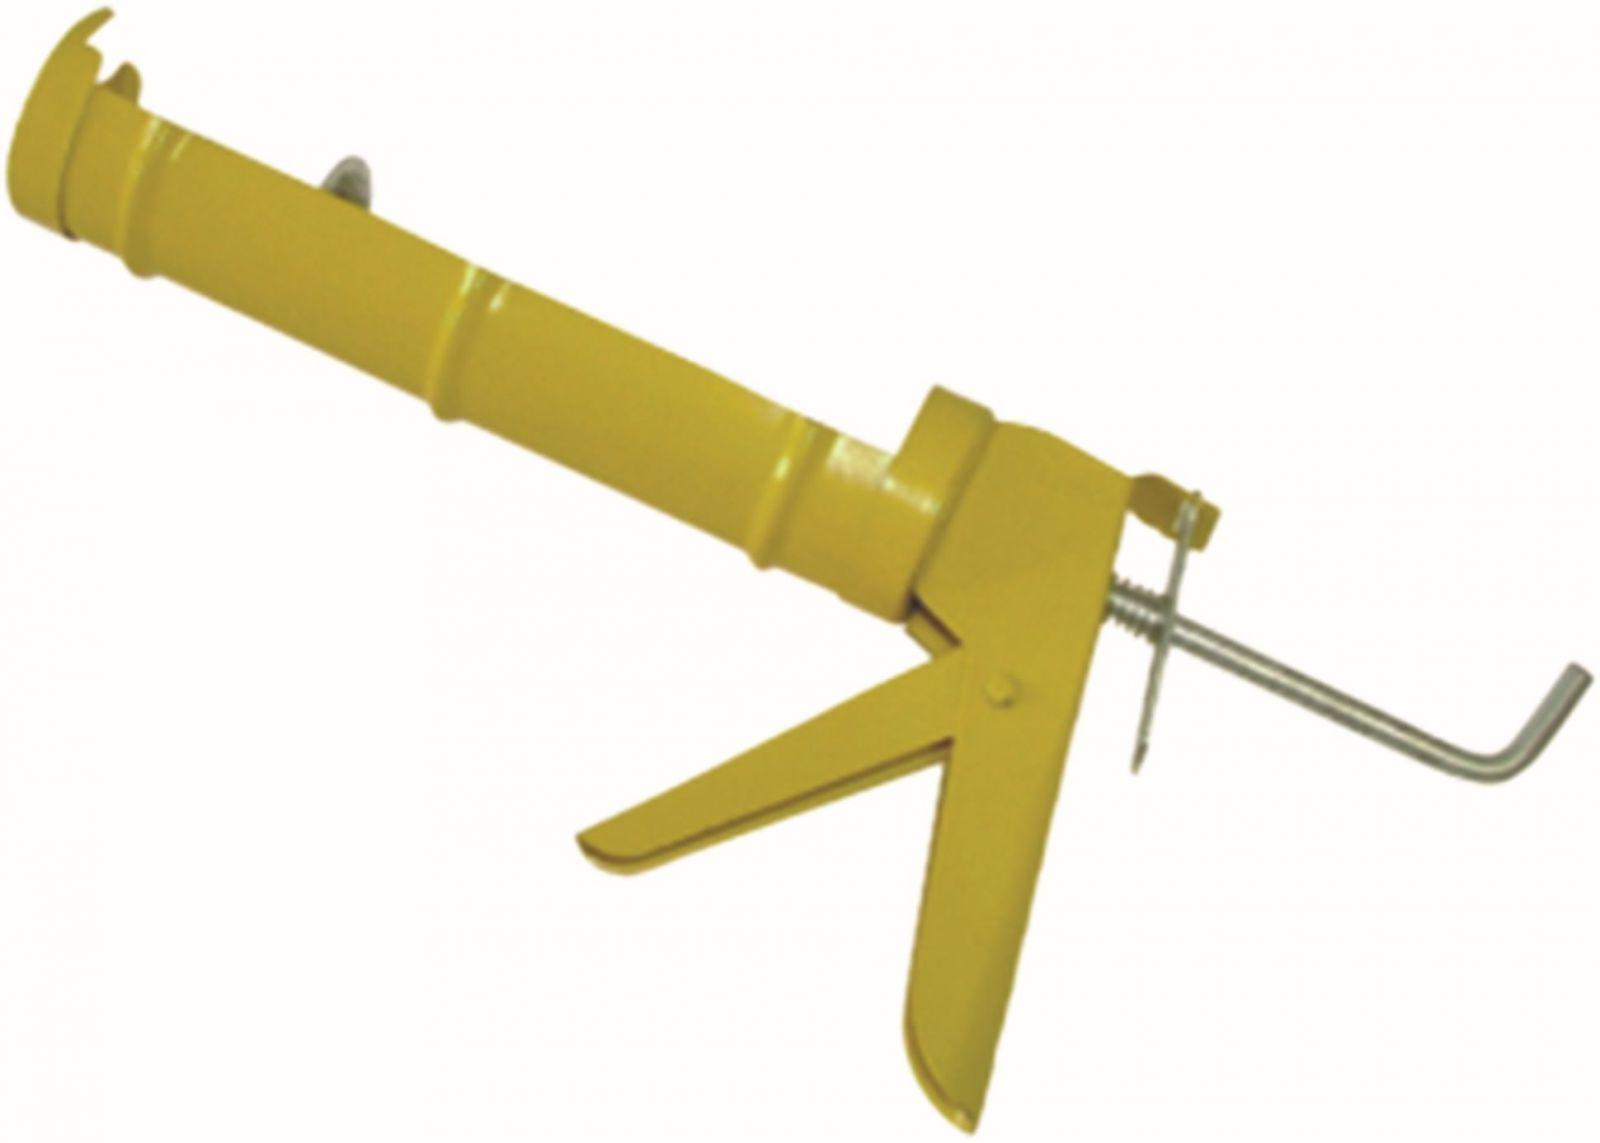 pistole na vytlačování silikonu z tuby Ostatní